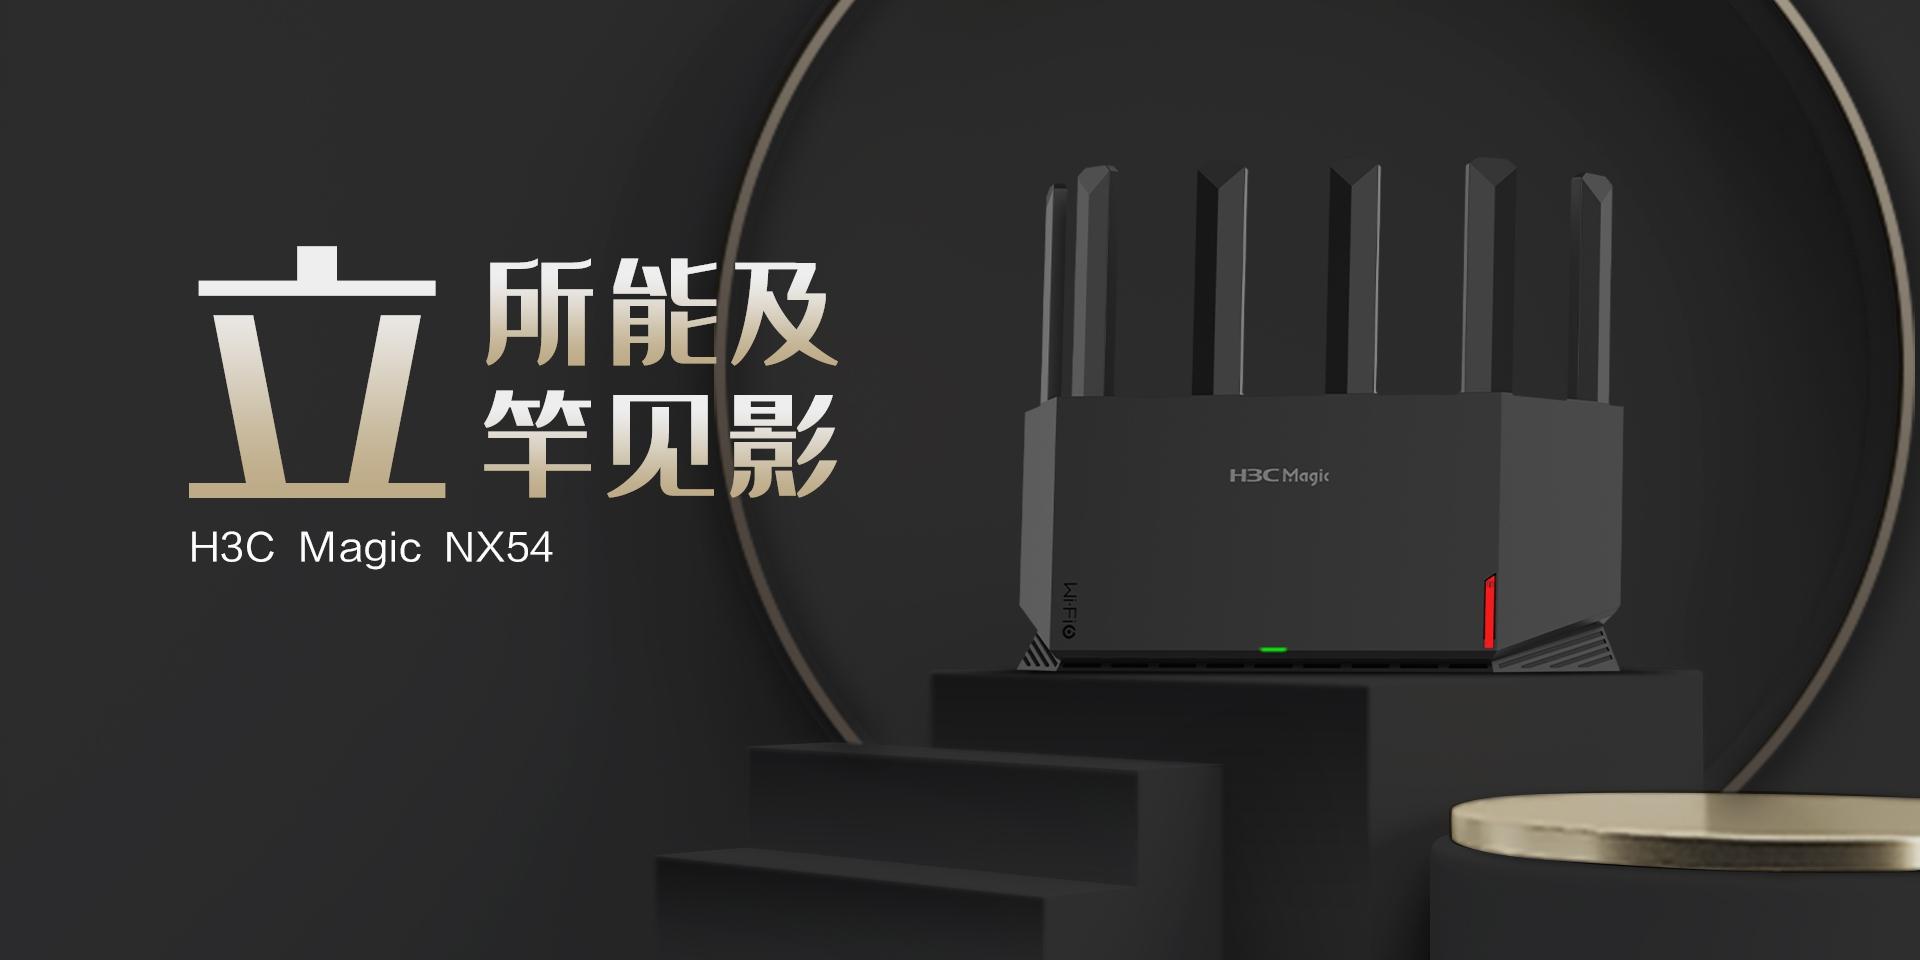 上新!H3C Magic NX54双频5400M Wi-Fi 6路由器:549元